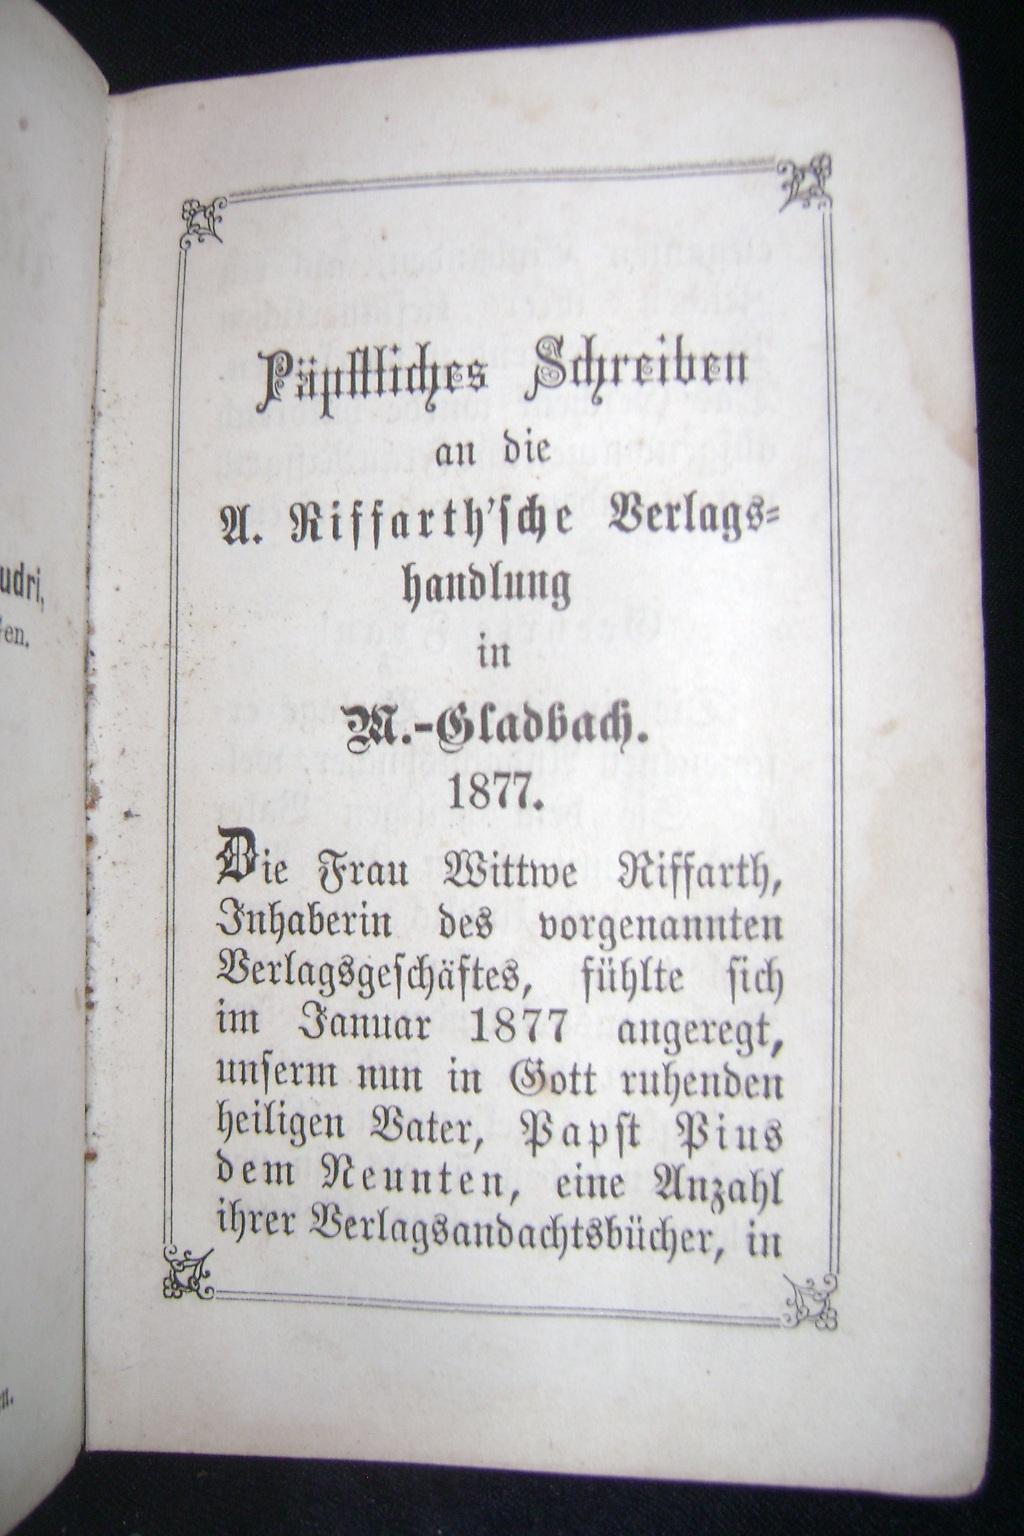 Knjiga_religija_Ruhe_in_gott_1879_4.JPG